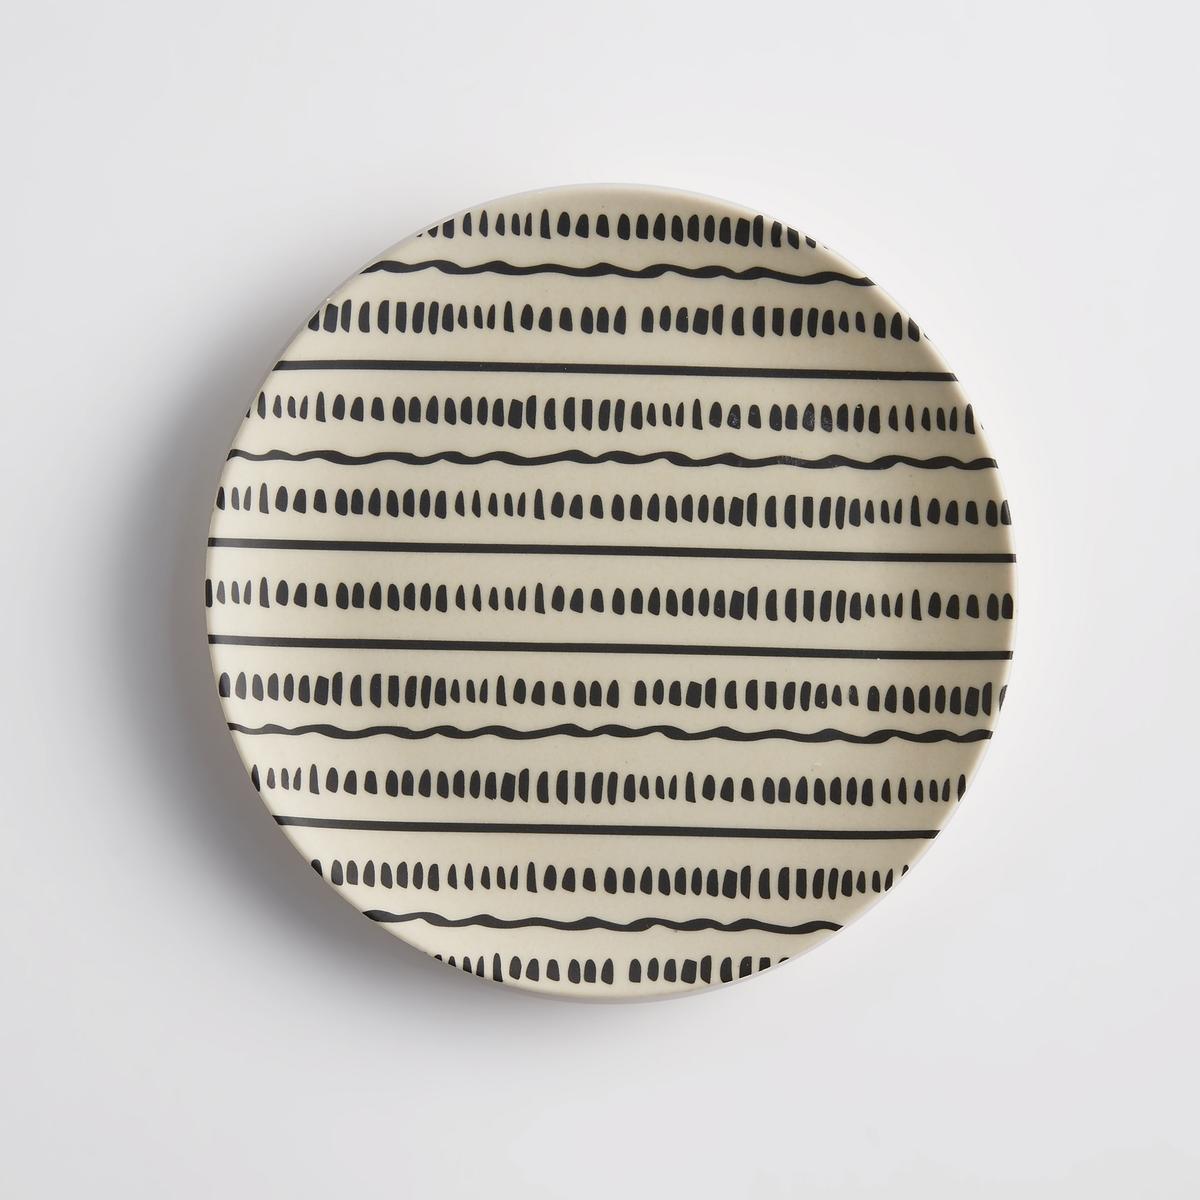 Комплект из 4 десертных тарелок из бамбука BamboskaЭкзотический материал, графический этнический стиль : десертные тарелки Bamboska в любых обстоятельствах станут полезным и декоративным предметом.Характеристики 4 десертных тарелок из бамбука Bamboska :Бамбук с рисунком, 2 разных узора.Размеры 4 десертных тарелок из бамбука Bamboska :диаметр 20 см.Другие модели комплекта и другие коллекции предметов декора стола вы можете найти на сайте laredoute.ru<br><br>Цвет: набивной рисунок